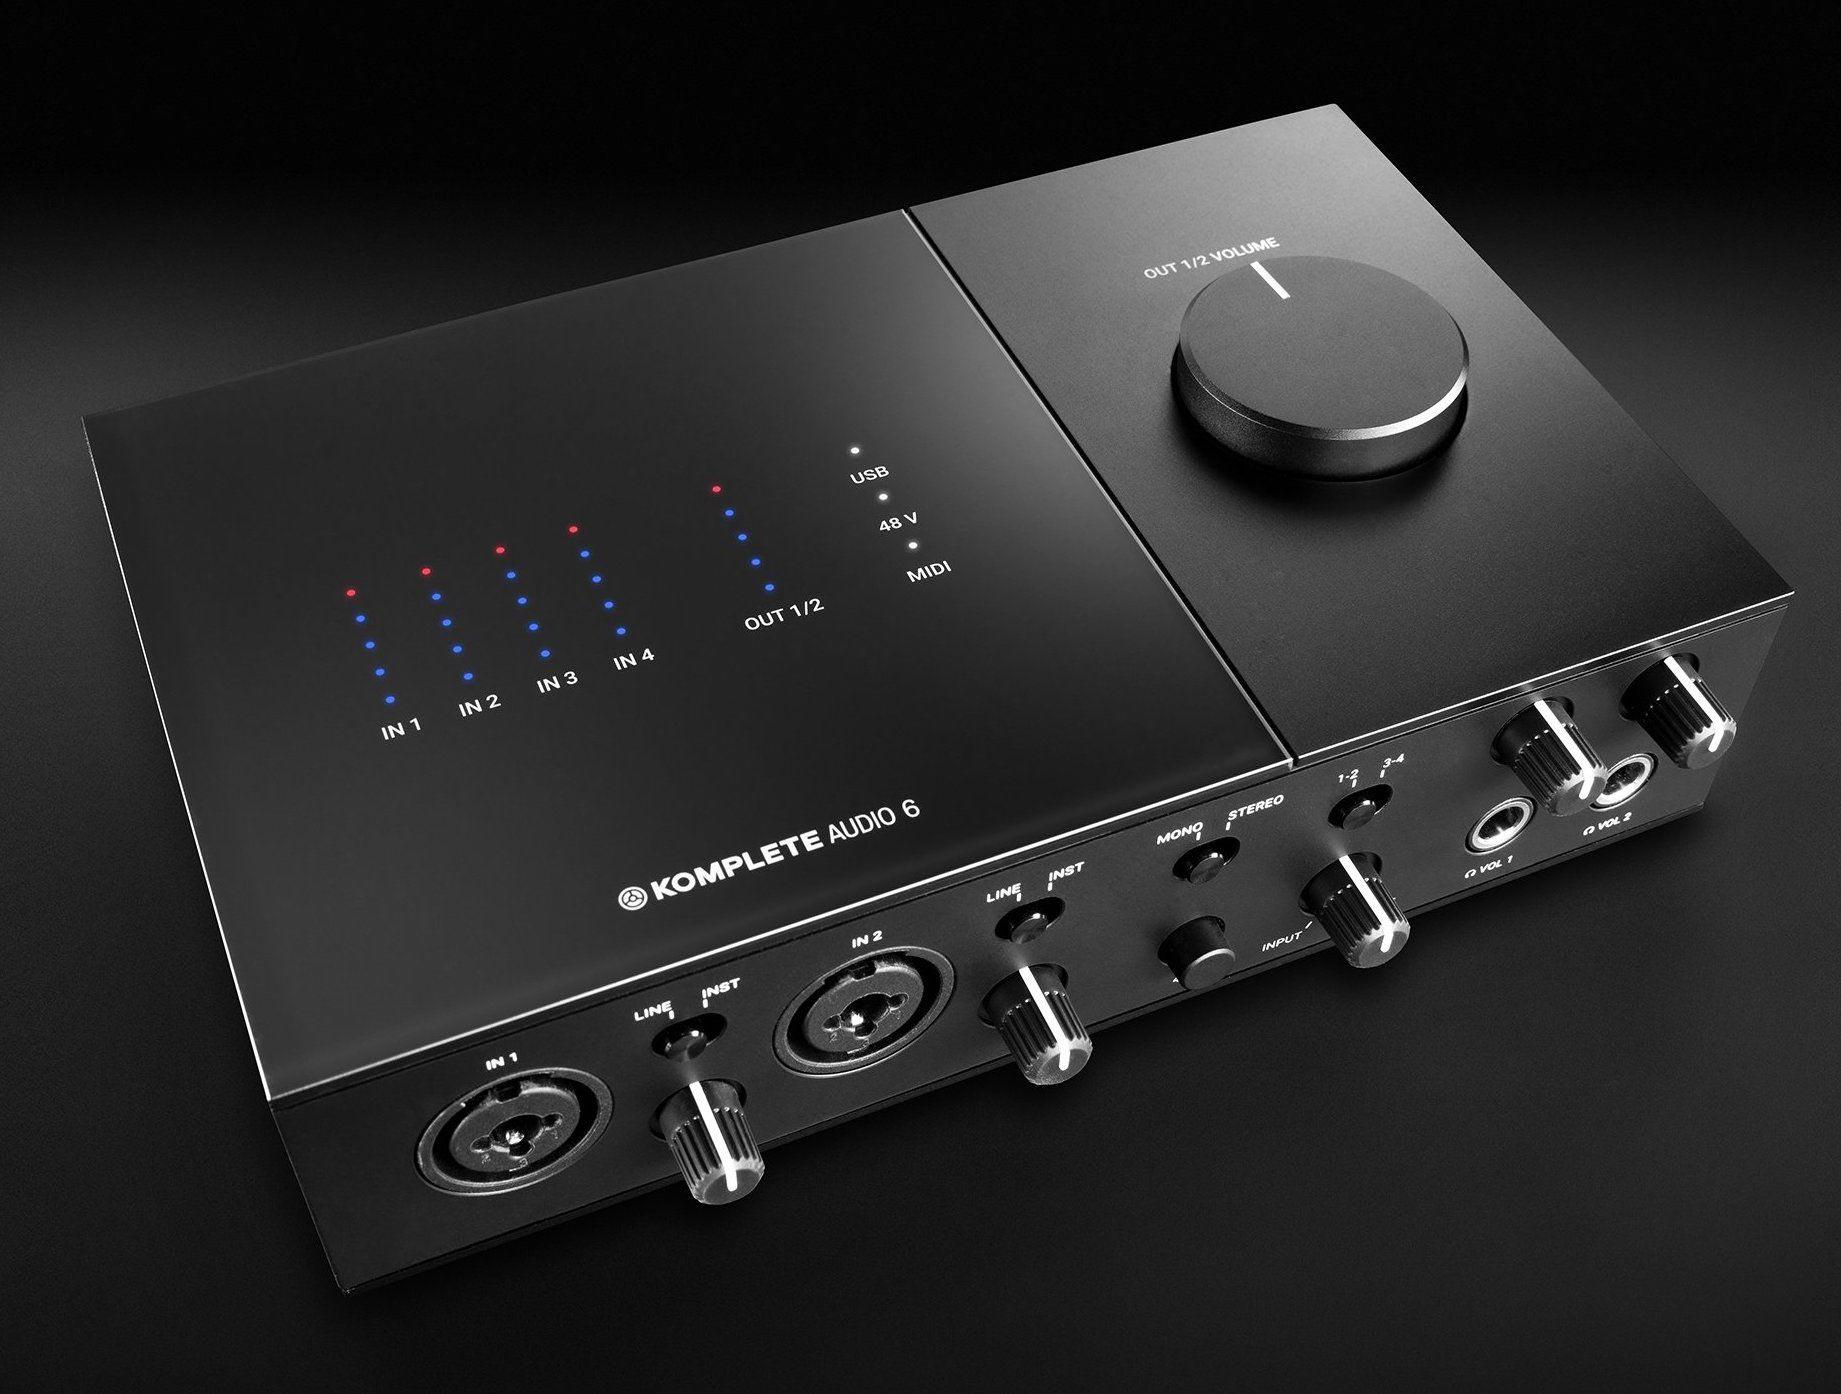 کارت صدا نیتیو اینسرومنت Native Instruments Komplete Audio 6 | خرید کارت صدا Komplete Audio 6 | کارت صدا استودیویی | Native Instruments Komplete Audio 6 MK2